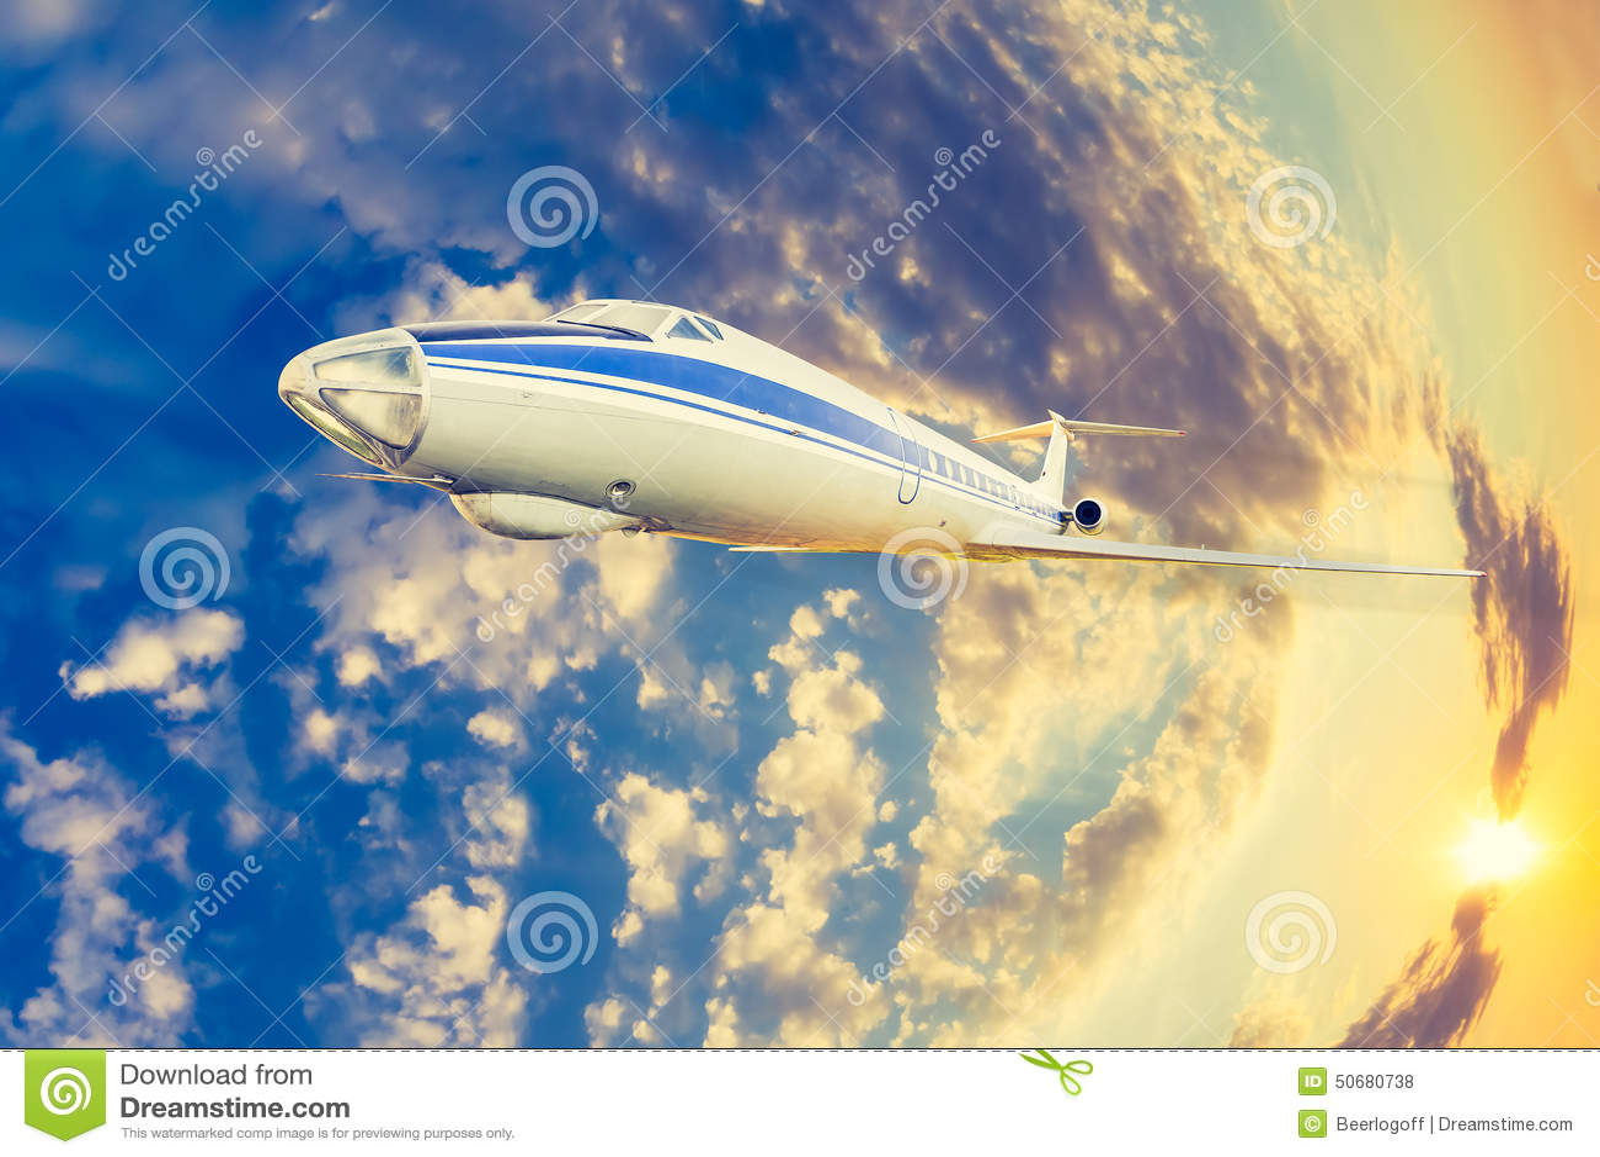 Download 在飞行中客机 库存照片. 图片 包括有 普遍, 乘客, 飞机, 颜色, 蓝色, 移动, alamos, cloudscape - 50680738